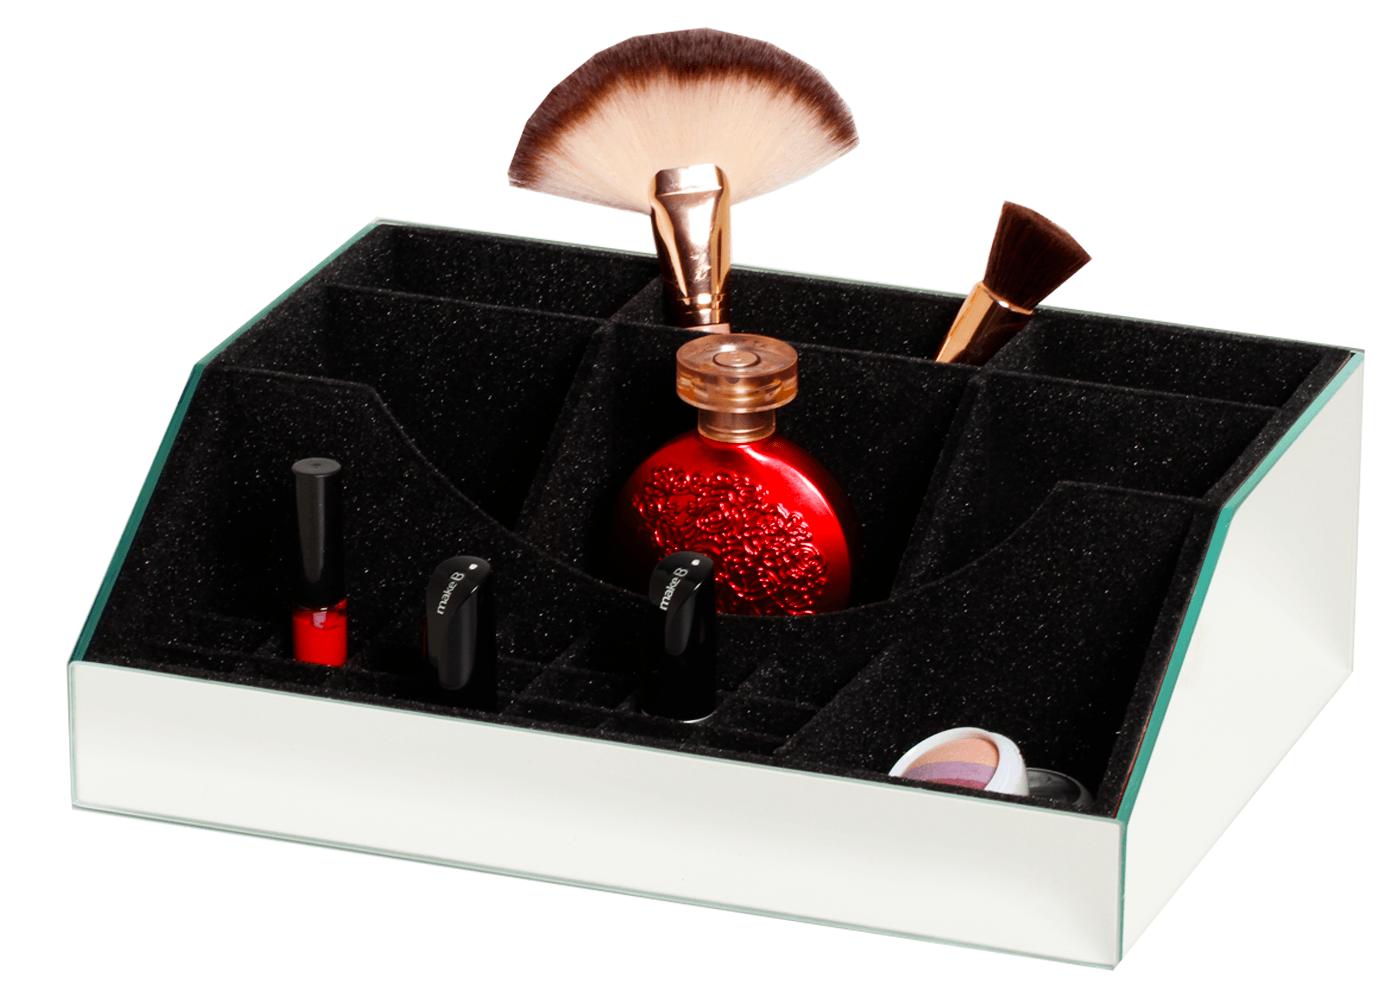 Porta Make Espelhado Organizador De Maquiagem Estojo De Make